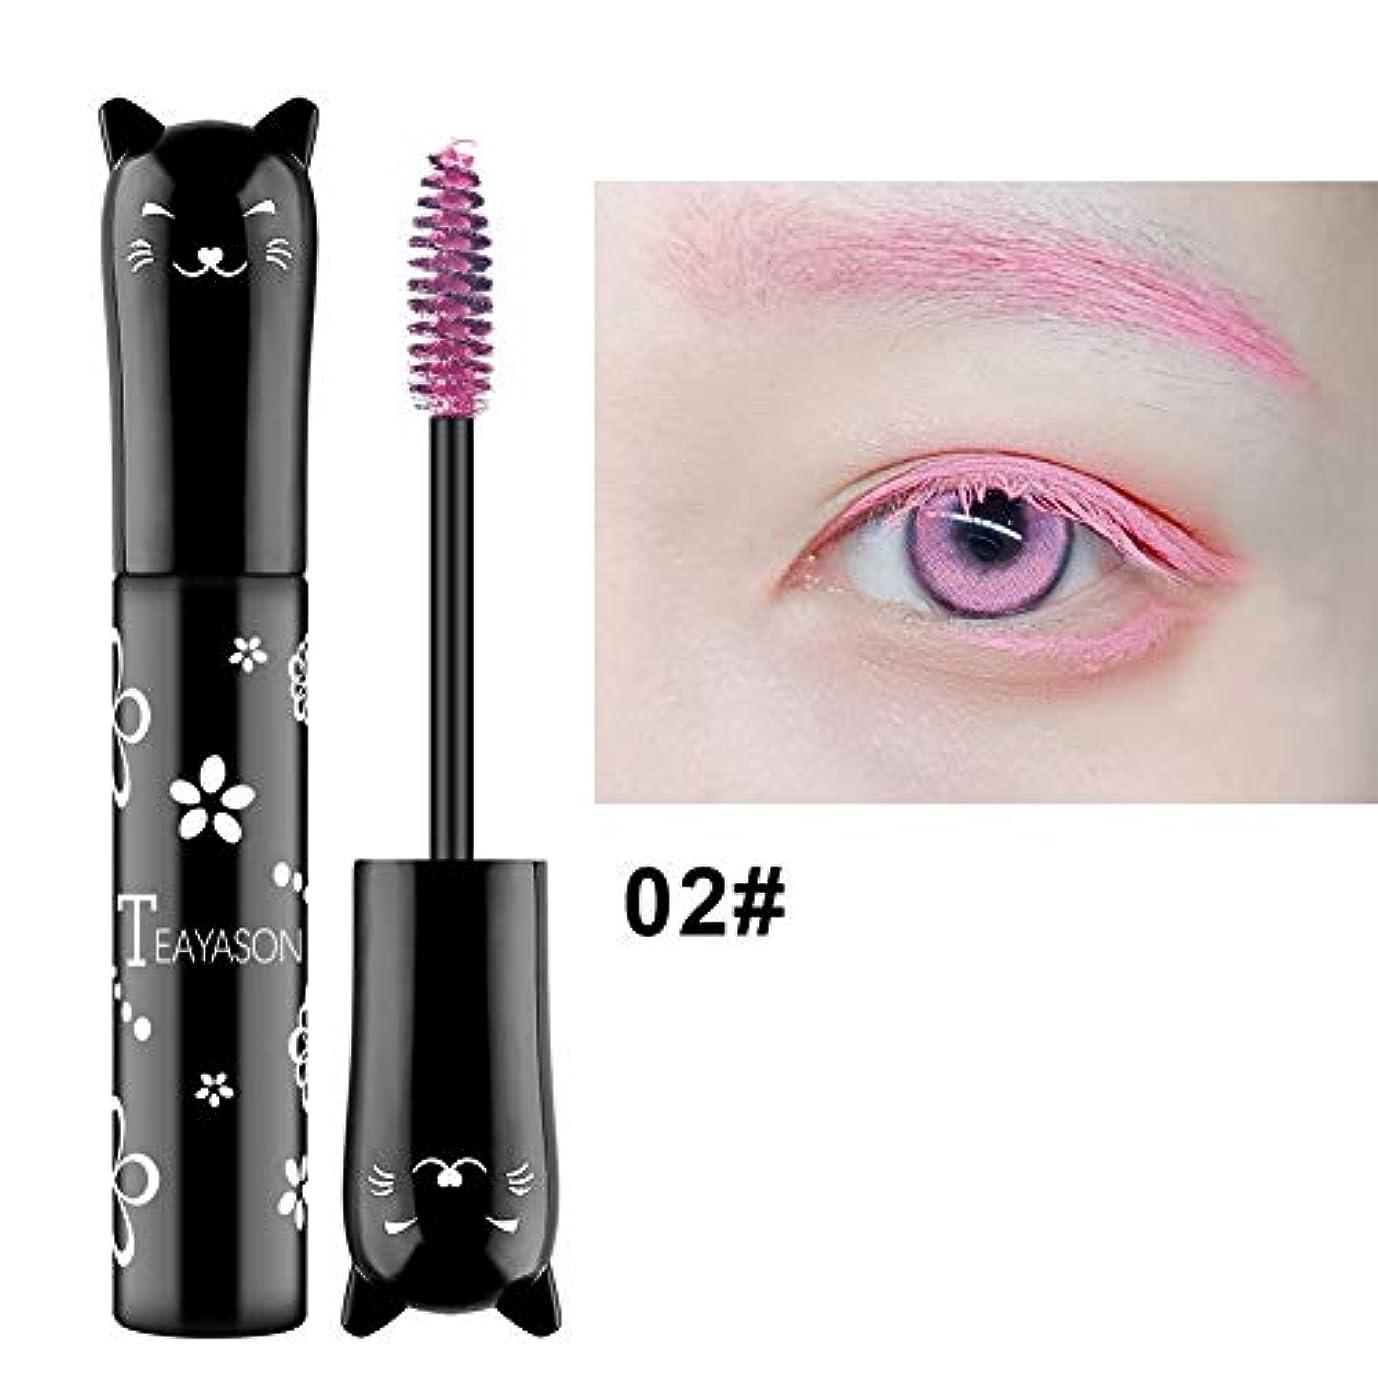 申し立てる水銀の農場Murakush マスカラ ファイバー 防水 かわいい 猫 スタイル 4D 厚い カーリング 睫毛 アイメイクアップ 2 pink